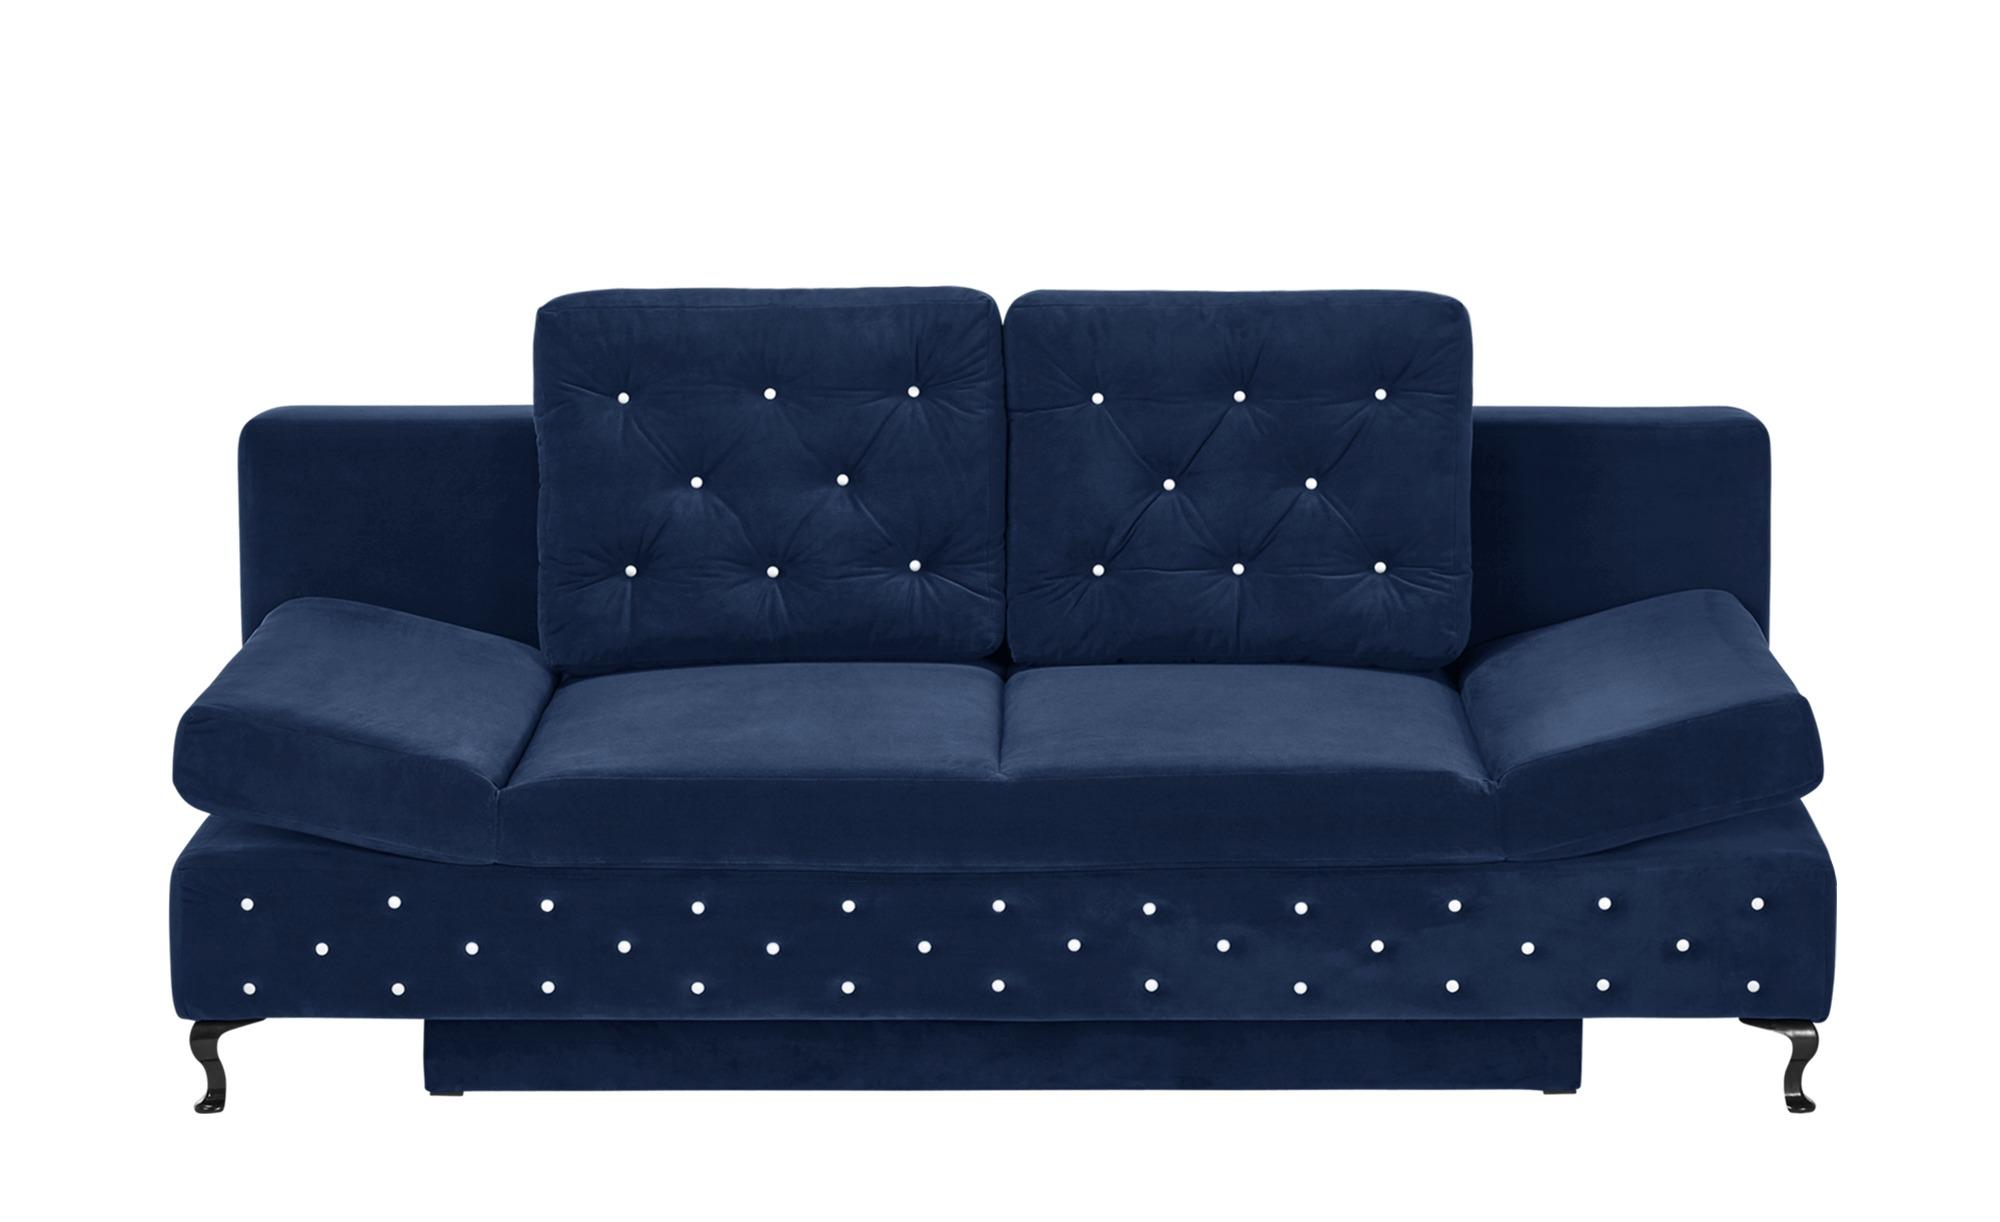 switch Schlafsofa blau - Mikrofaser Riviera ¦ blau ¦ Maße (cm): B: 202 H: 75 T: 94 Polstermöbel > Sofas > Einzelsofas - Höffner